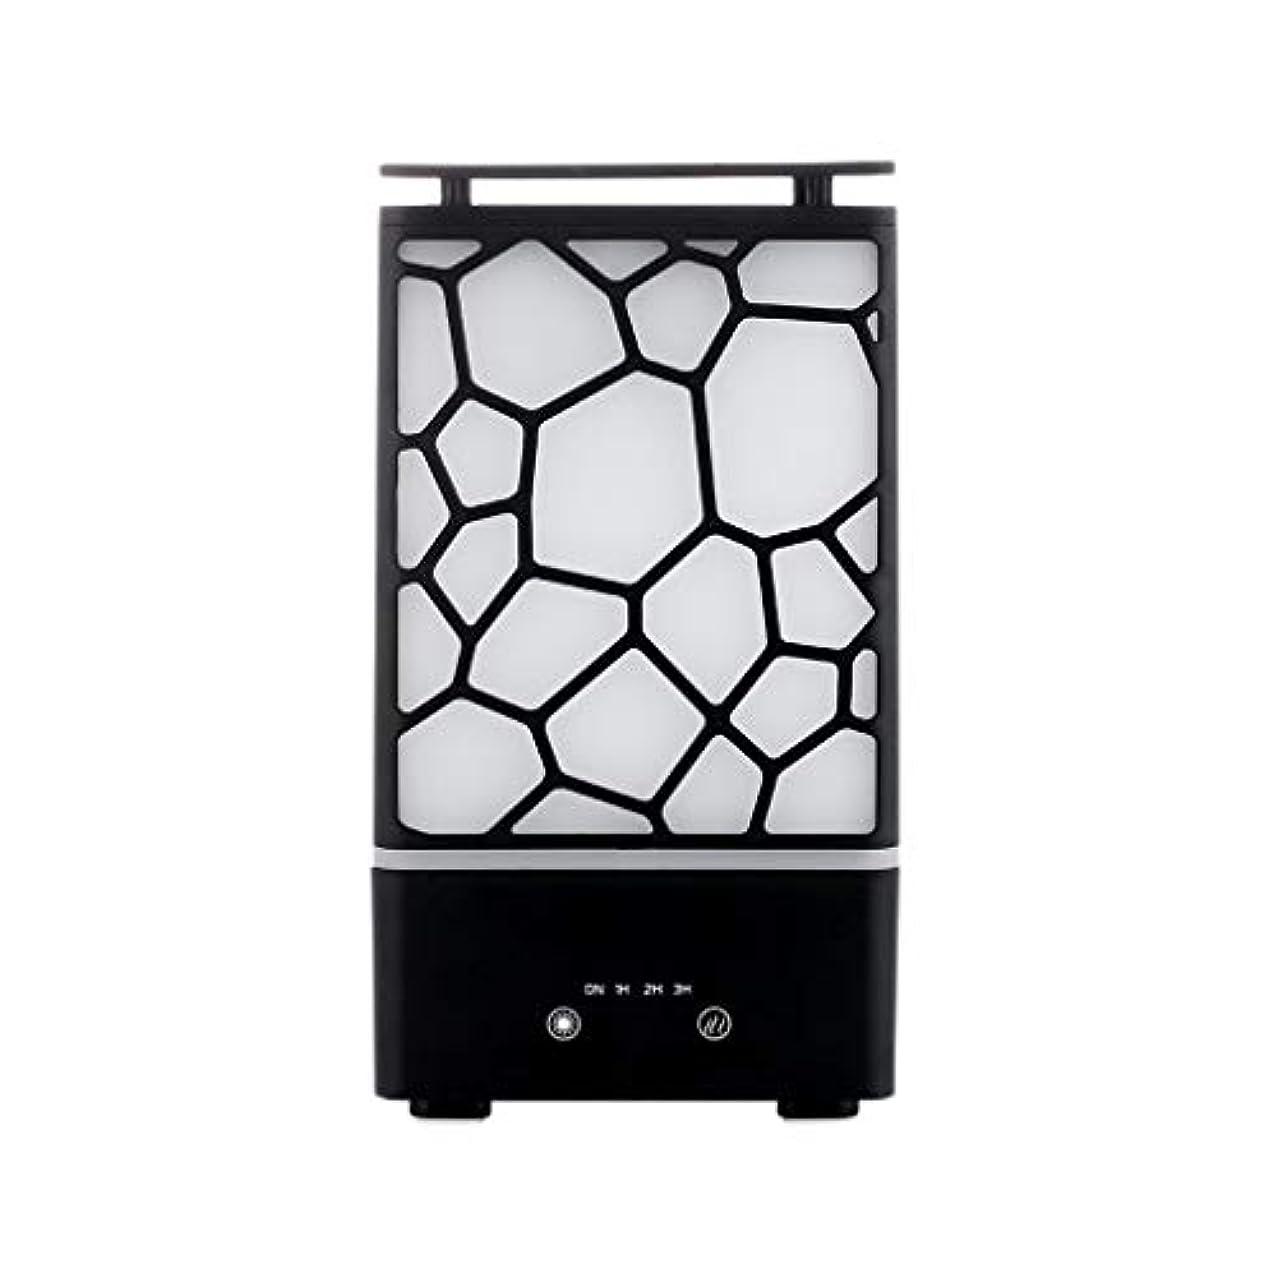 平凡デッドロック毒液アロマセラピー機械、7色ライトが付いている拡散器の超音波アロマセラピー機械空気加湿器の噴霧器 (色 : 黒)